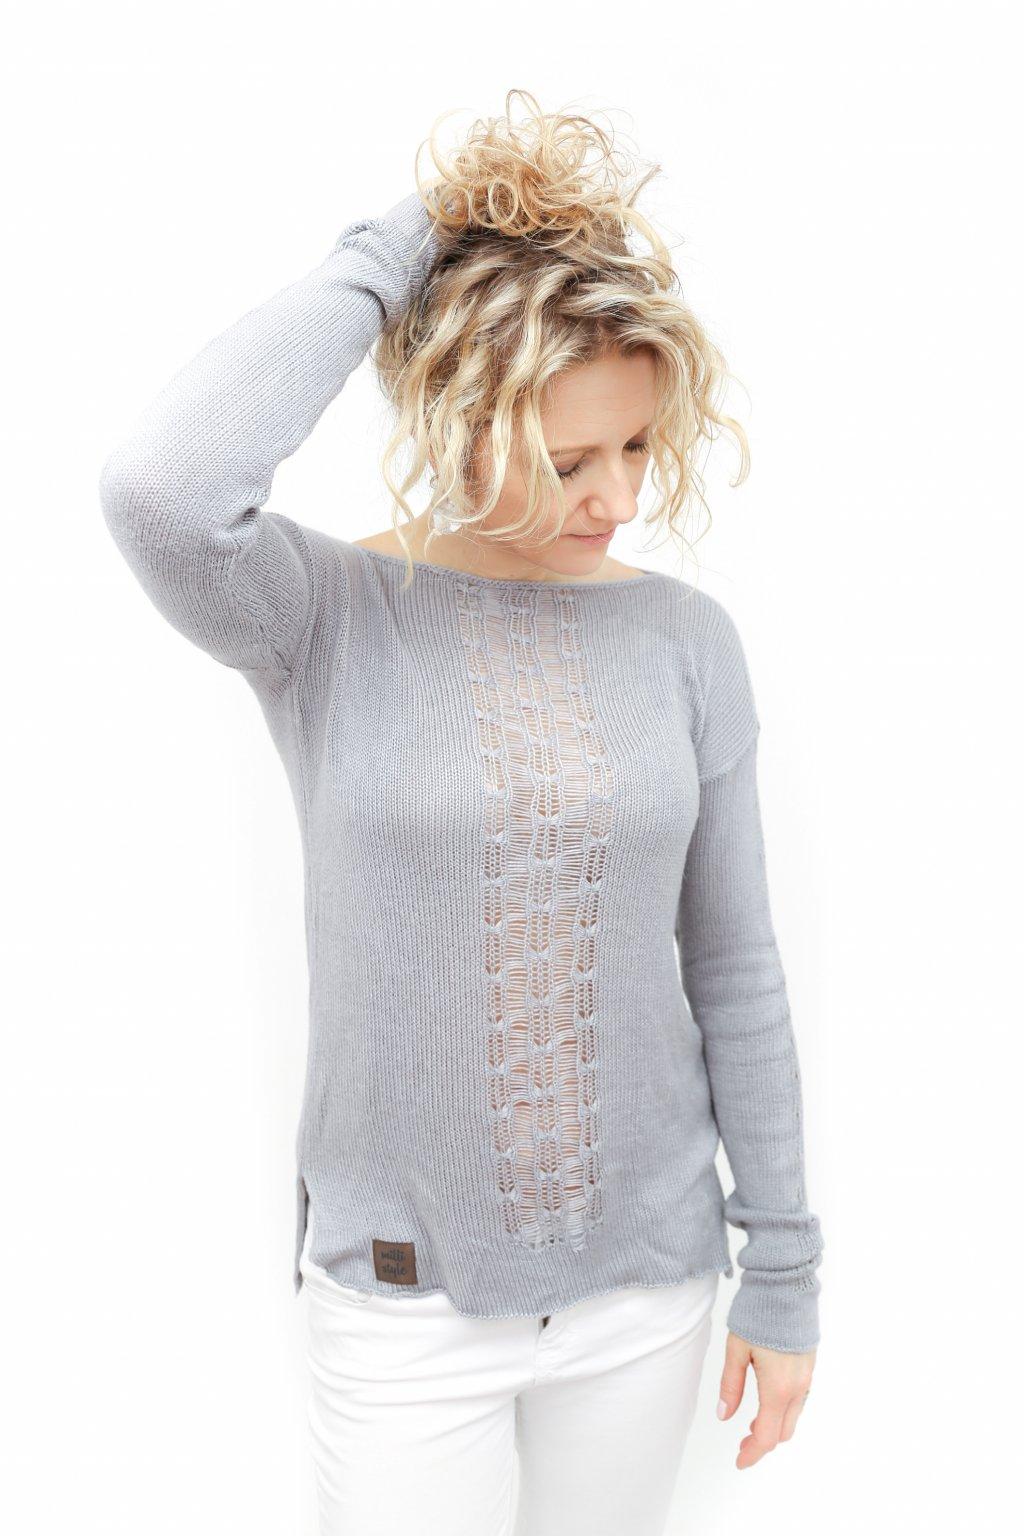 šedý pletený svetr bambusový